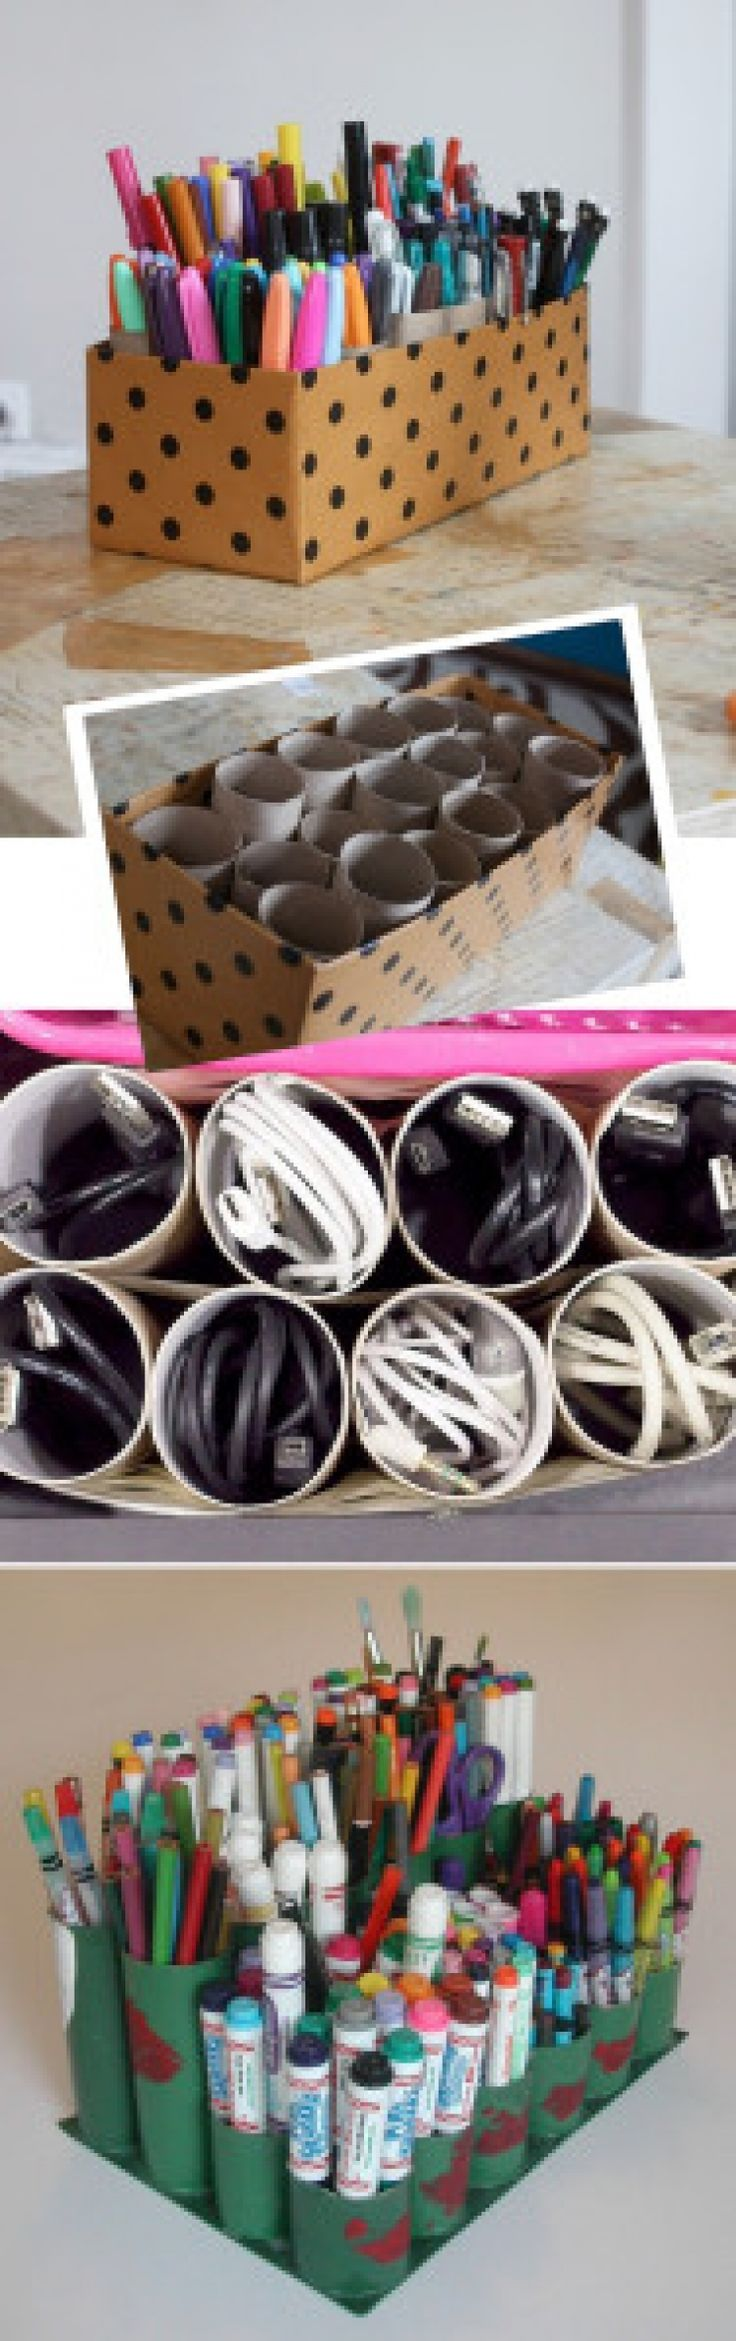 Les 25 meilleures id es de la cat gorie rouleau de crayon sur pinterest tutoriel de rouleau de - Que faire avec des rouleaux de papier toilette vides ...